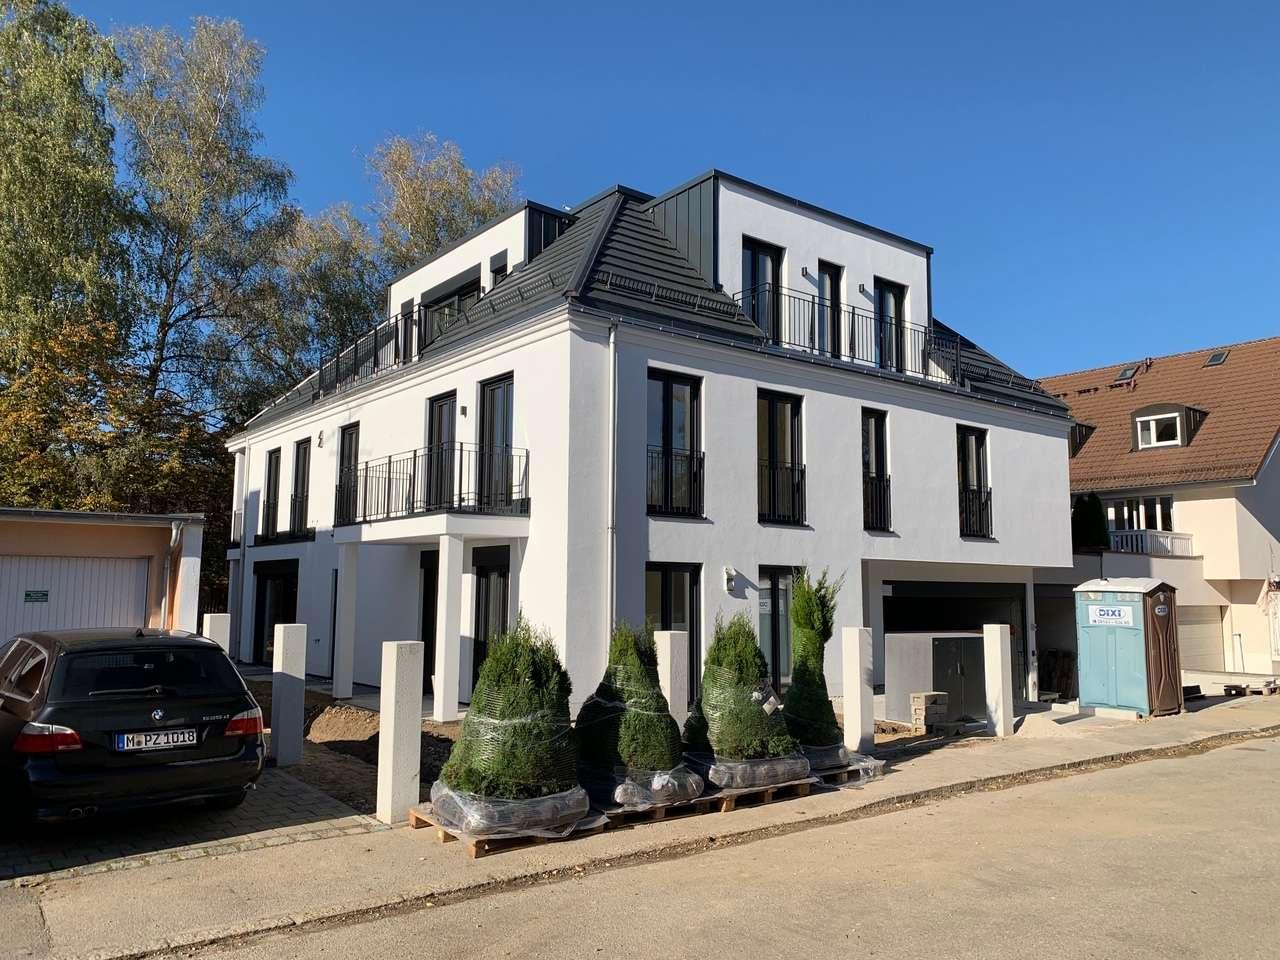 Erstbezug - Neubau 3,5 Zi-Whg - exklusives Stadthaus in Trudering (München)